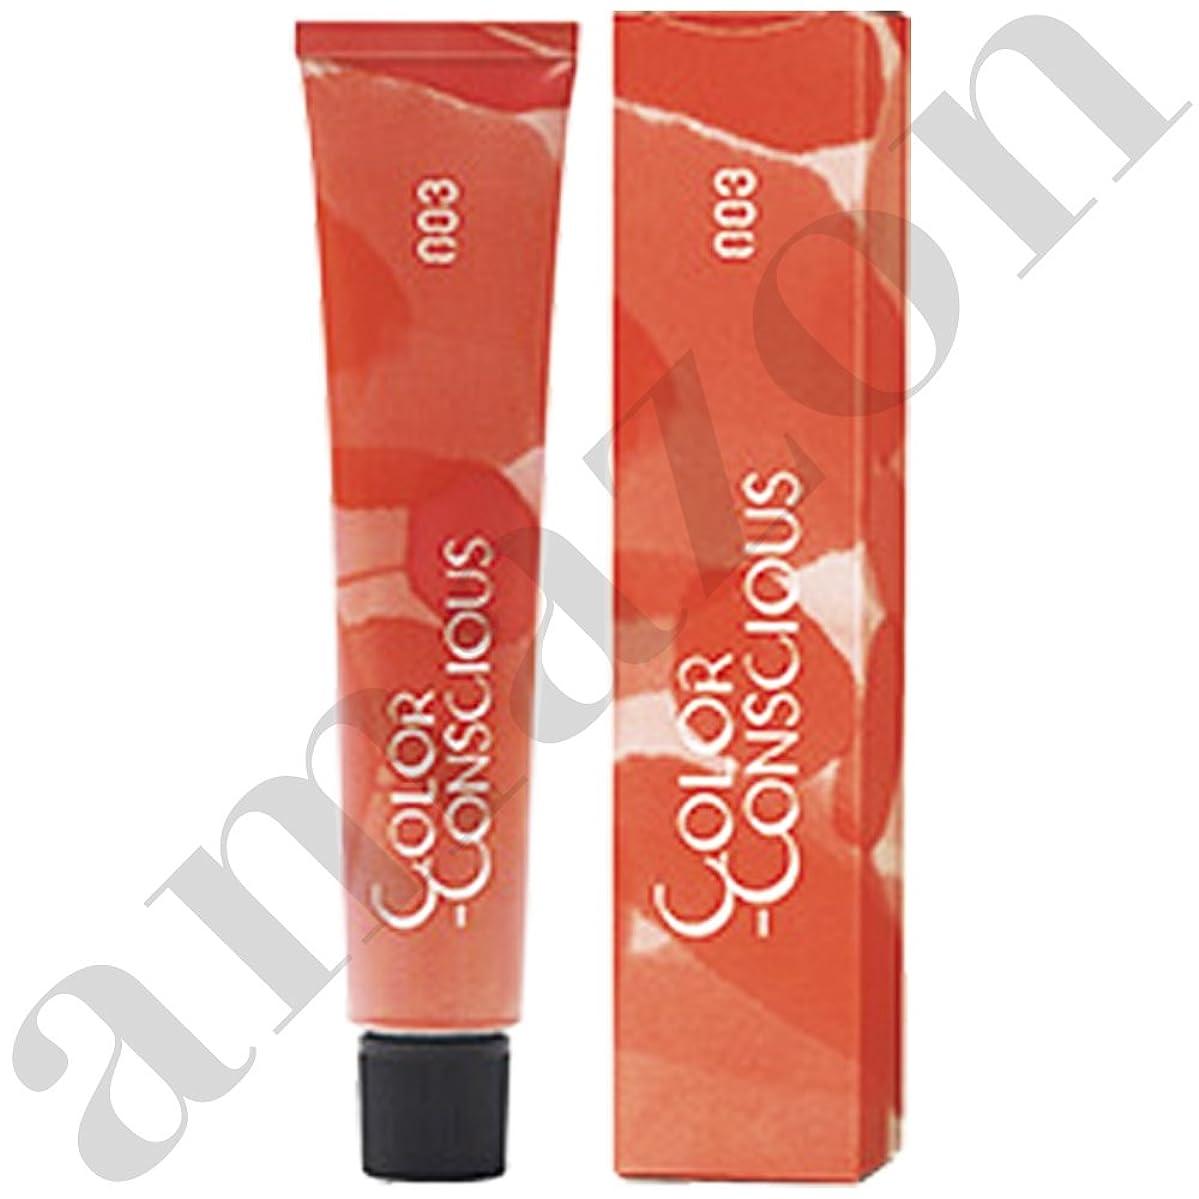 消費細胞クリエイティブ【ナンバースリー】カラーコンシャス ファッションライン #6N (ニュートラルブラウン) 80g